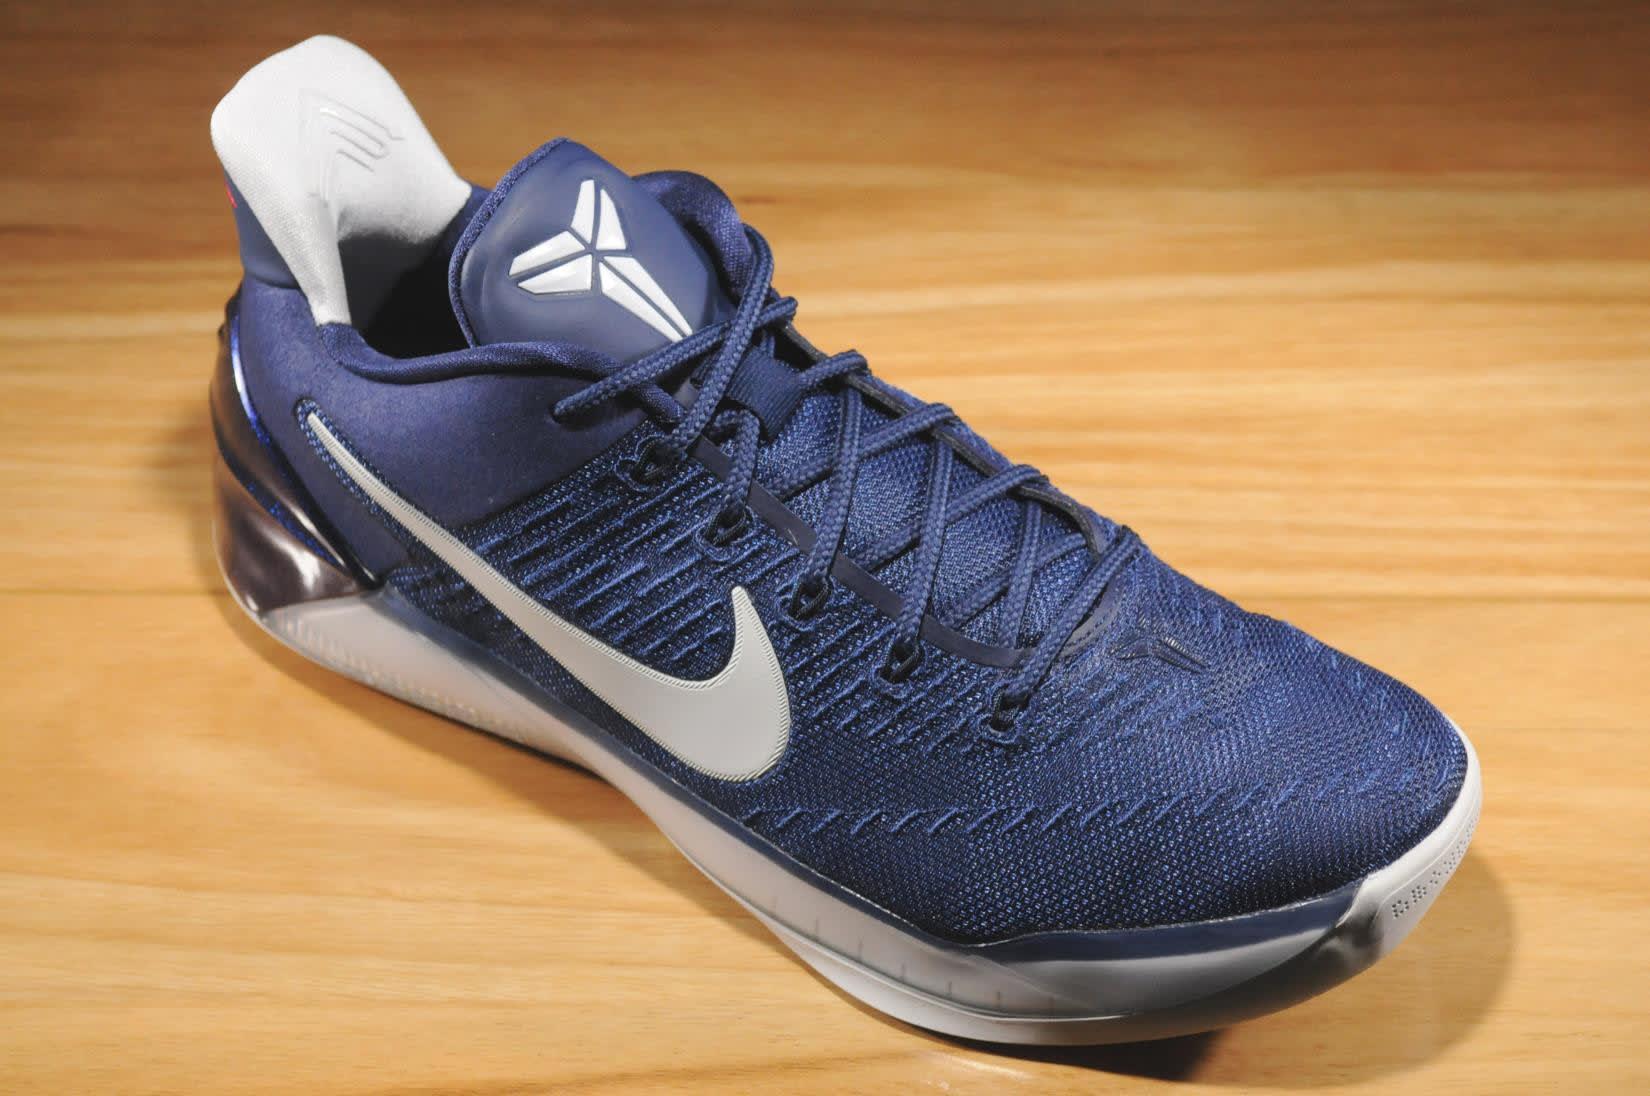 Nike Kobe AD Midnight Navy Lateral 852425-406